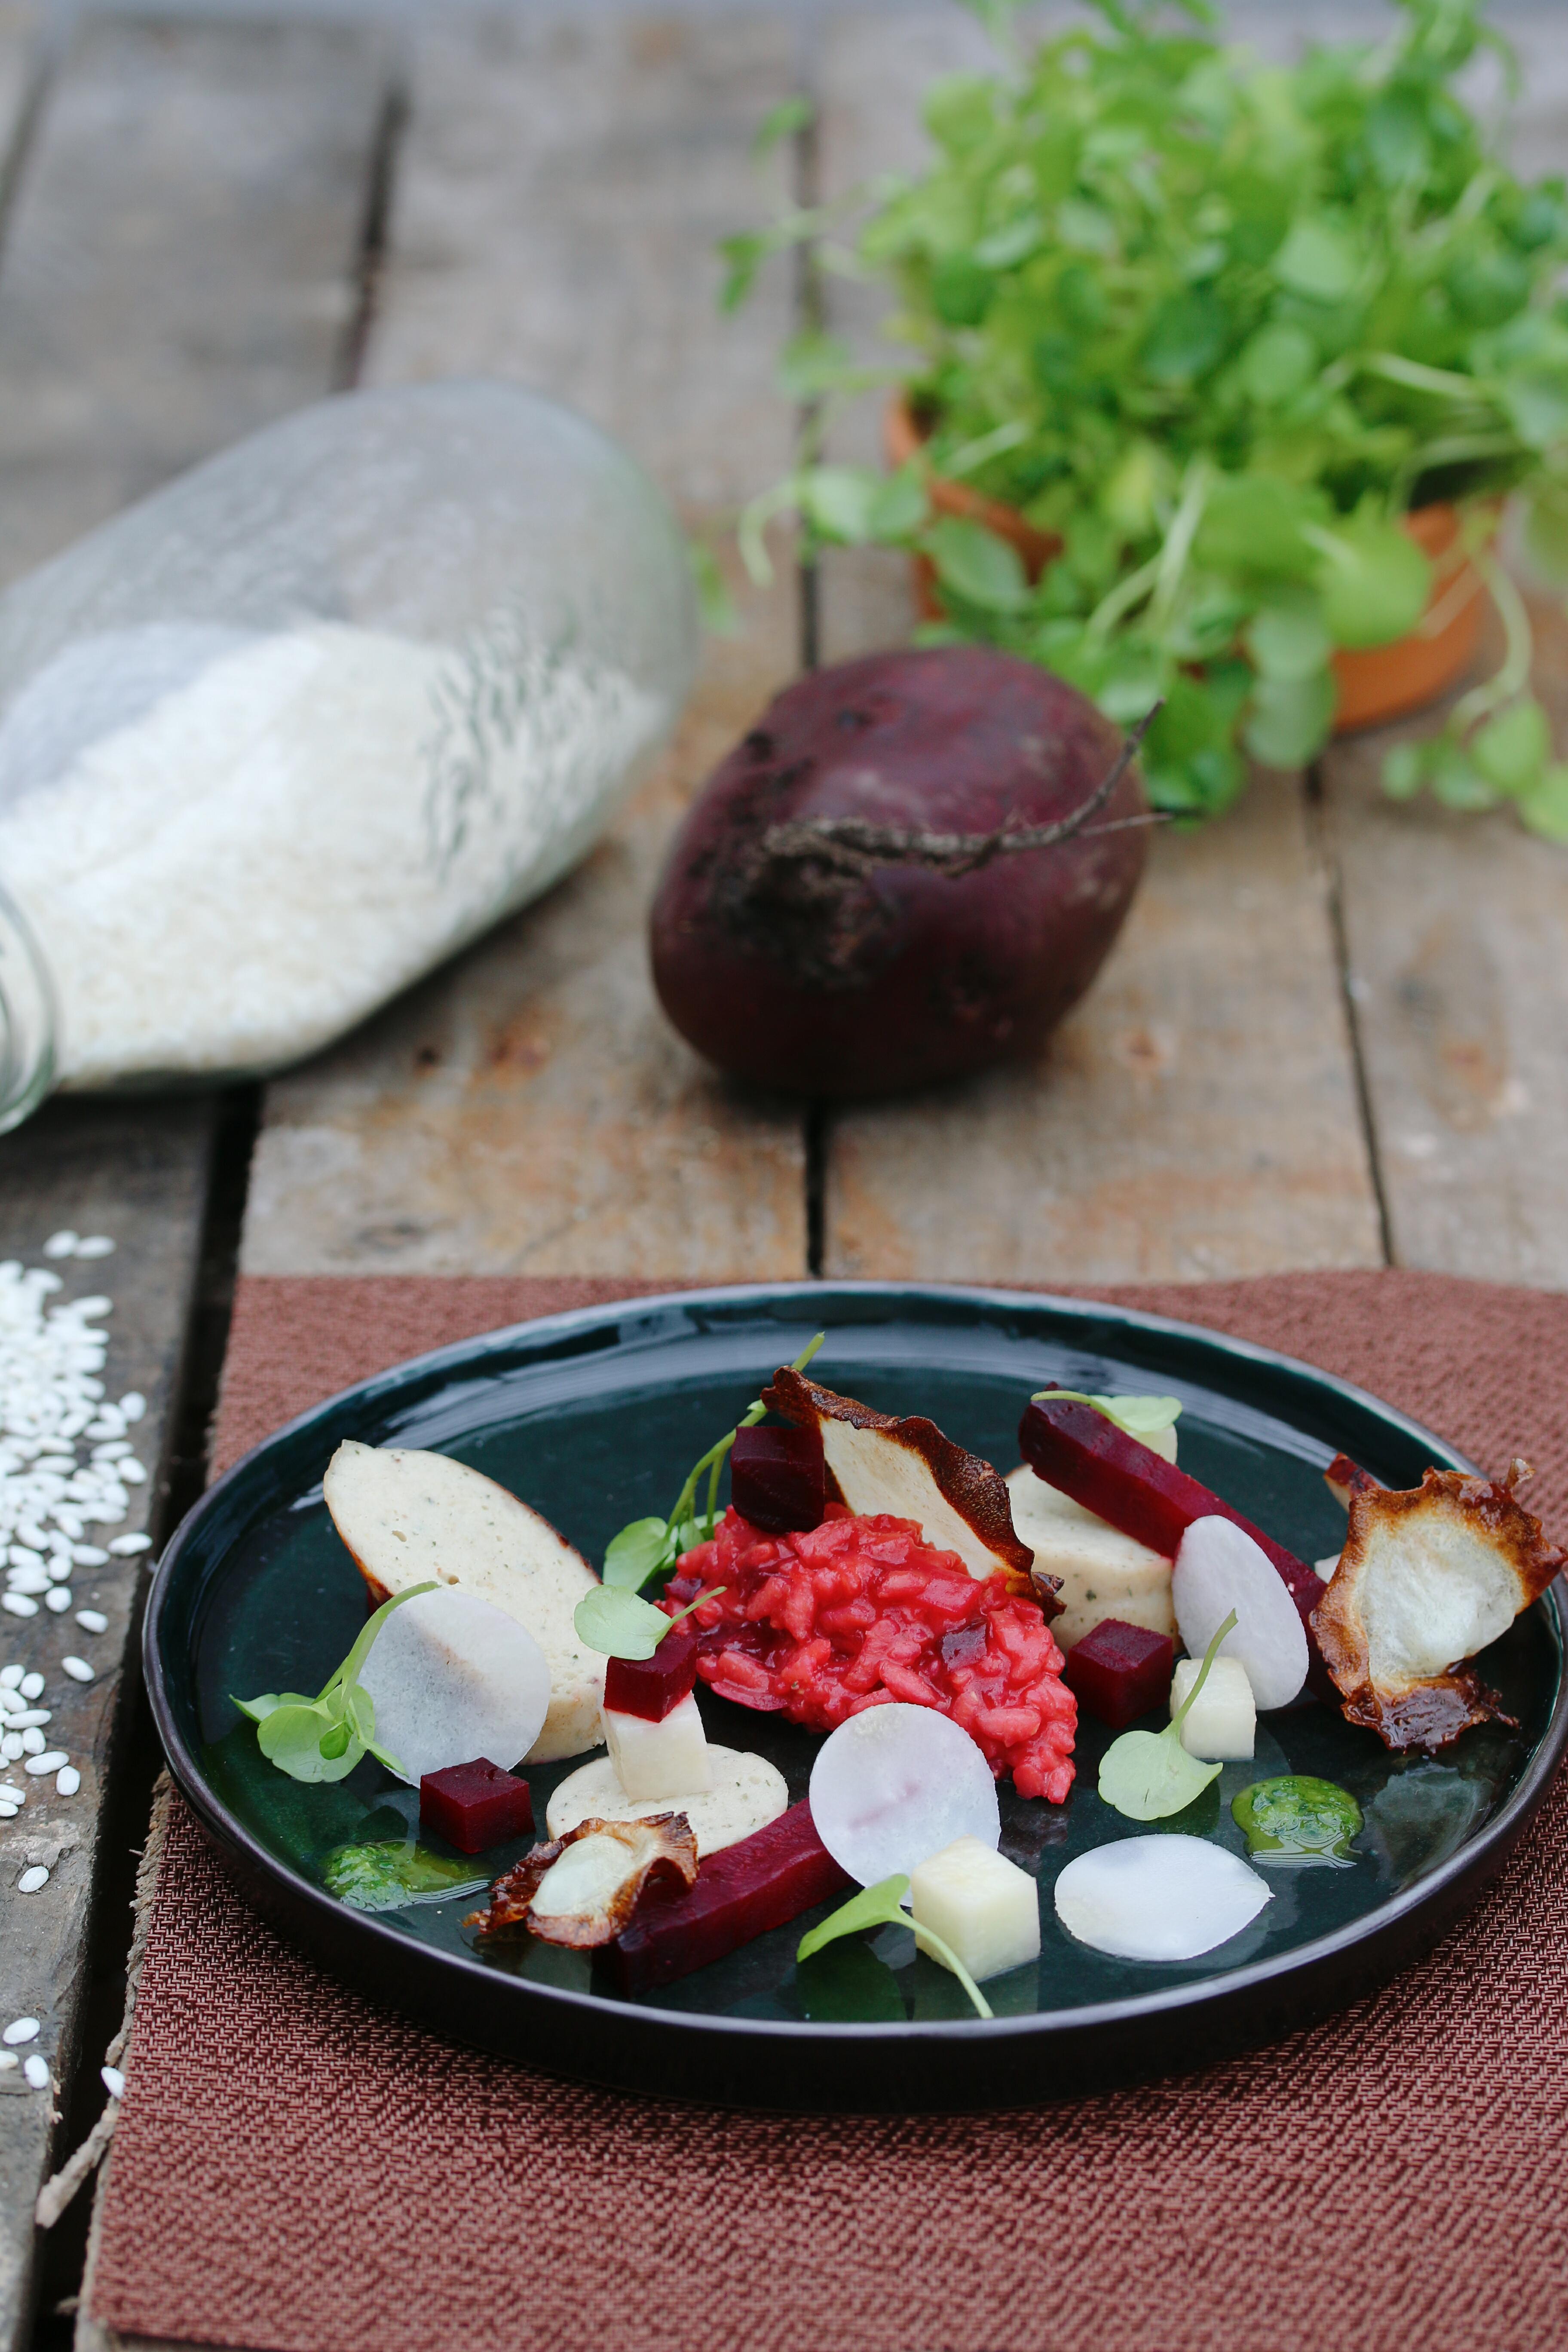 Rode biet met koolrabi, waterkers en witte worst